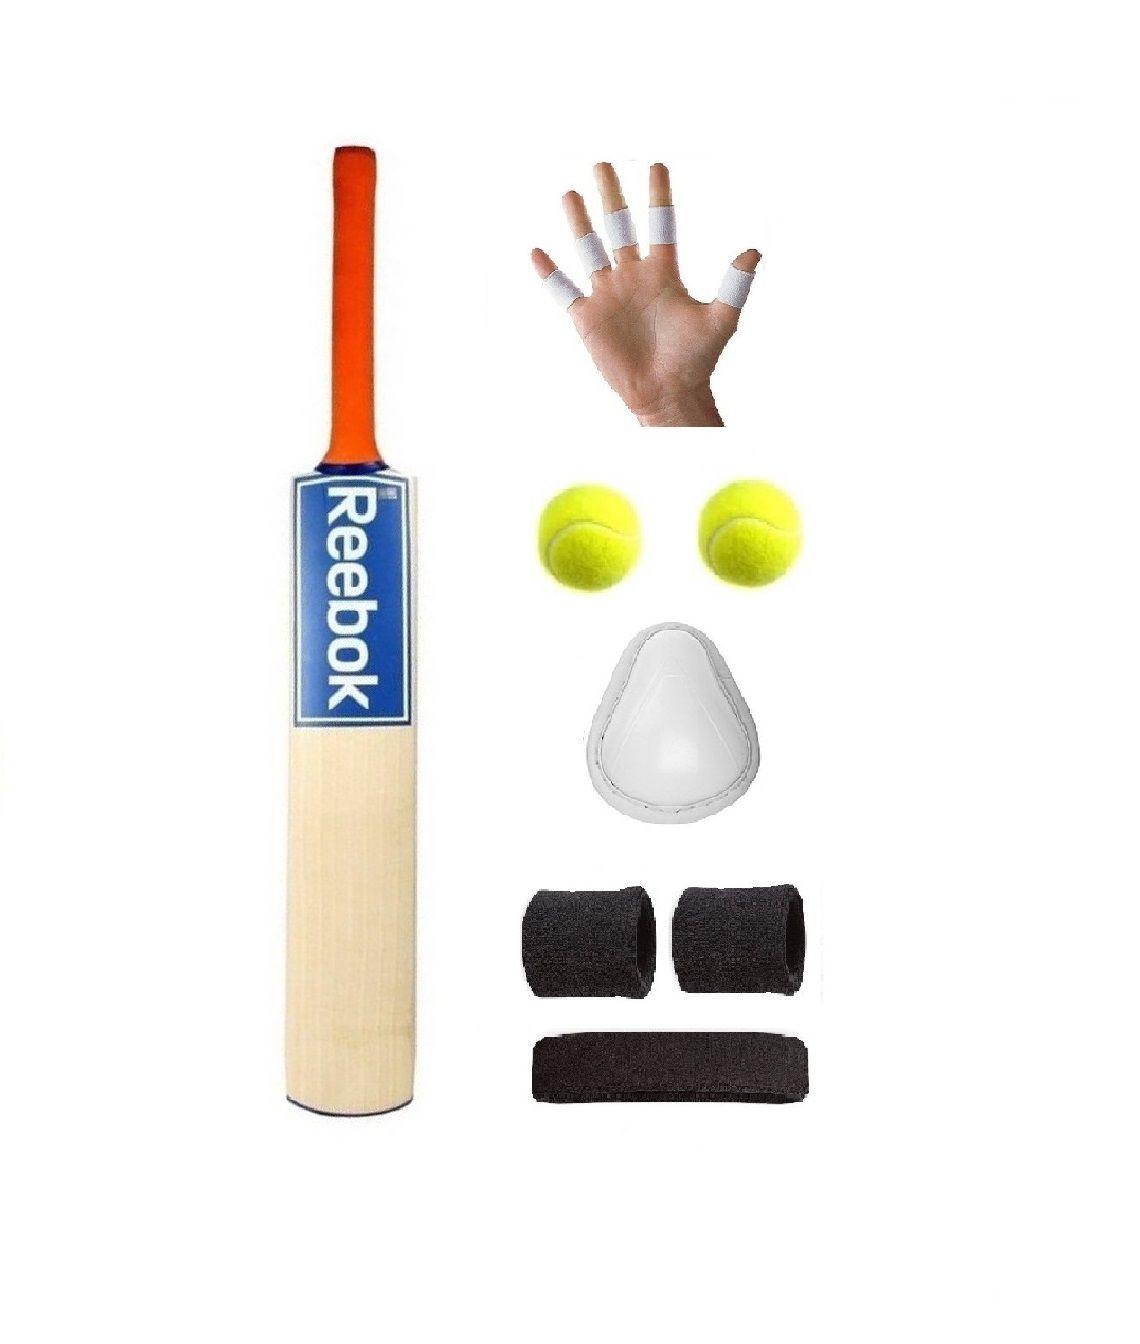 Reebok Blue Sticker Popular Willow Cricket Bat For Tennis Ball